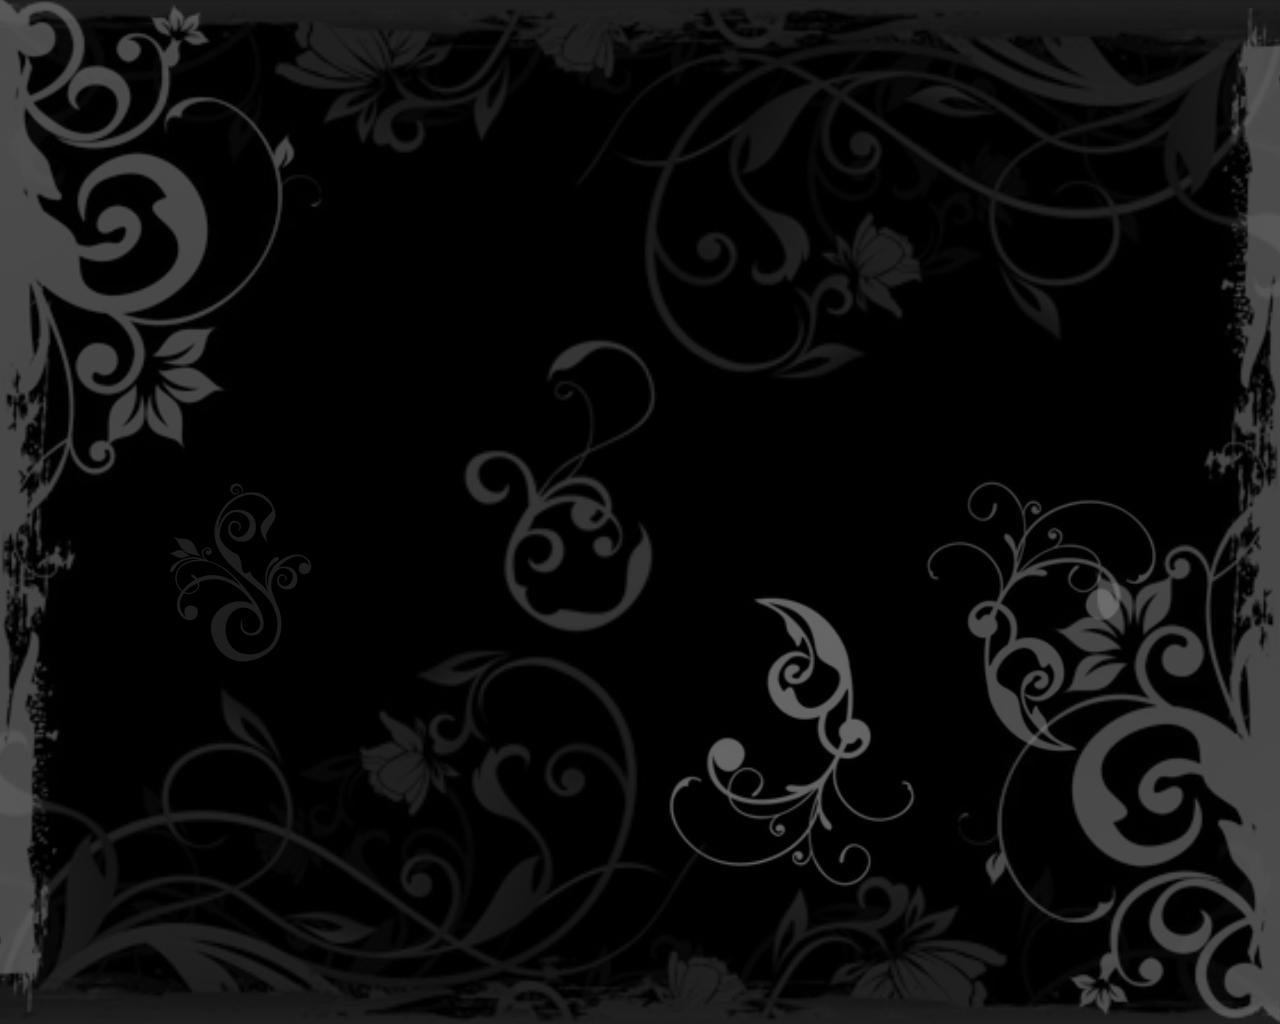 Black Floral Desktop Background